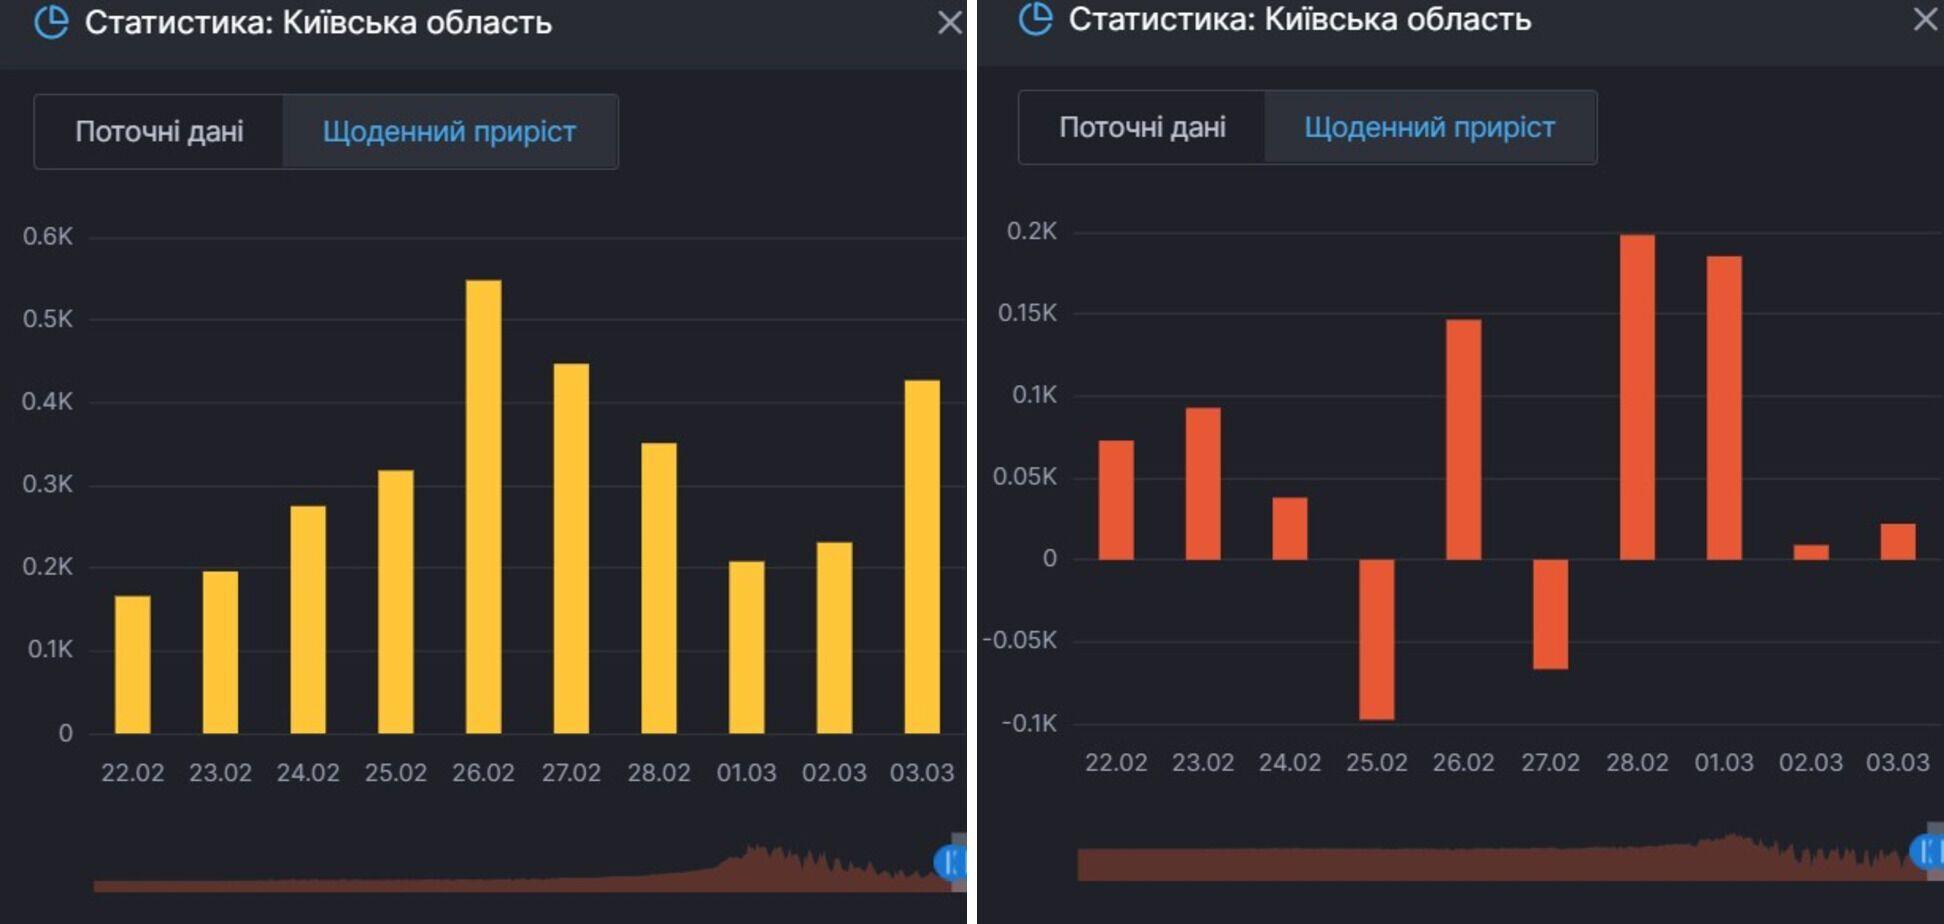 Прирост заражений и активных больных COVID-19 в Киевской области